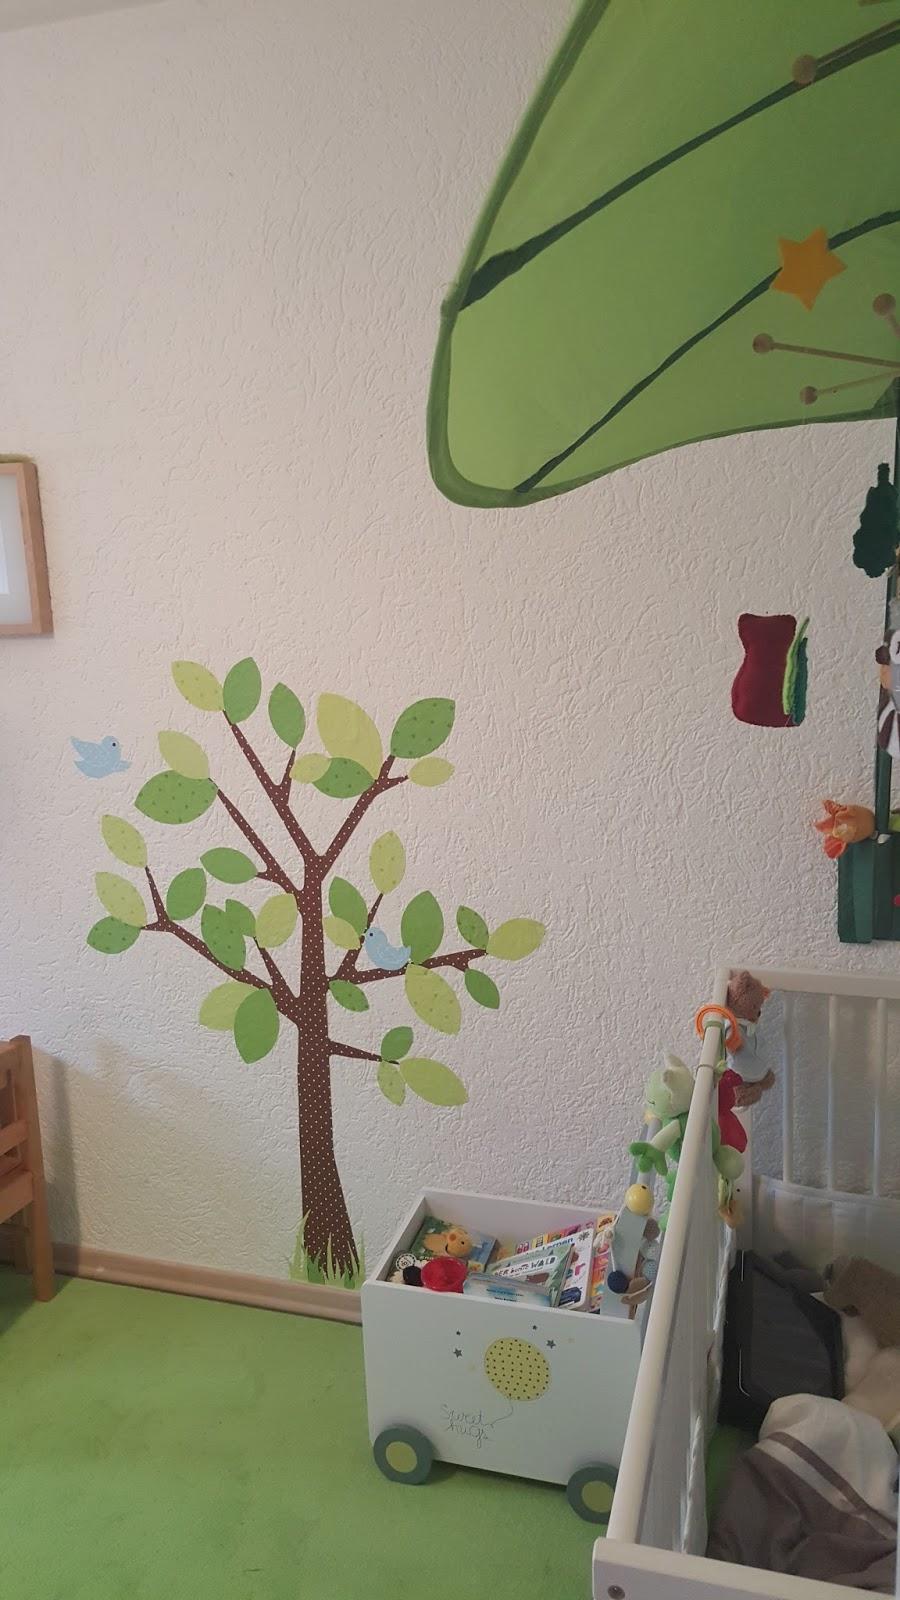 Frischer wind im kinderzimmer: roommates wandtattoos von ...